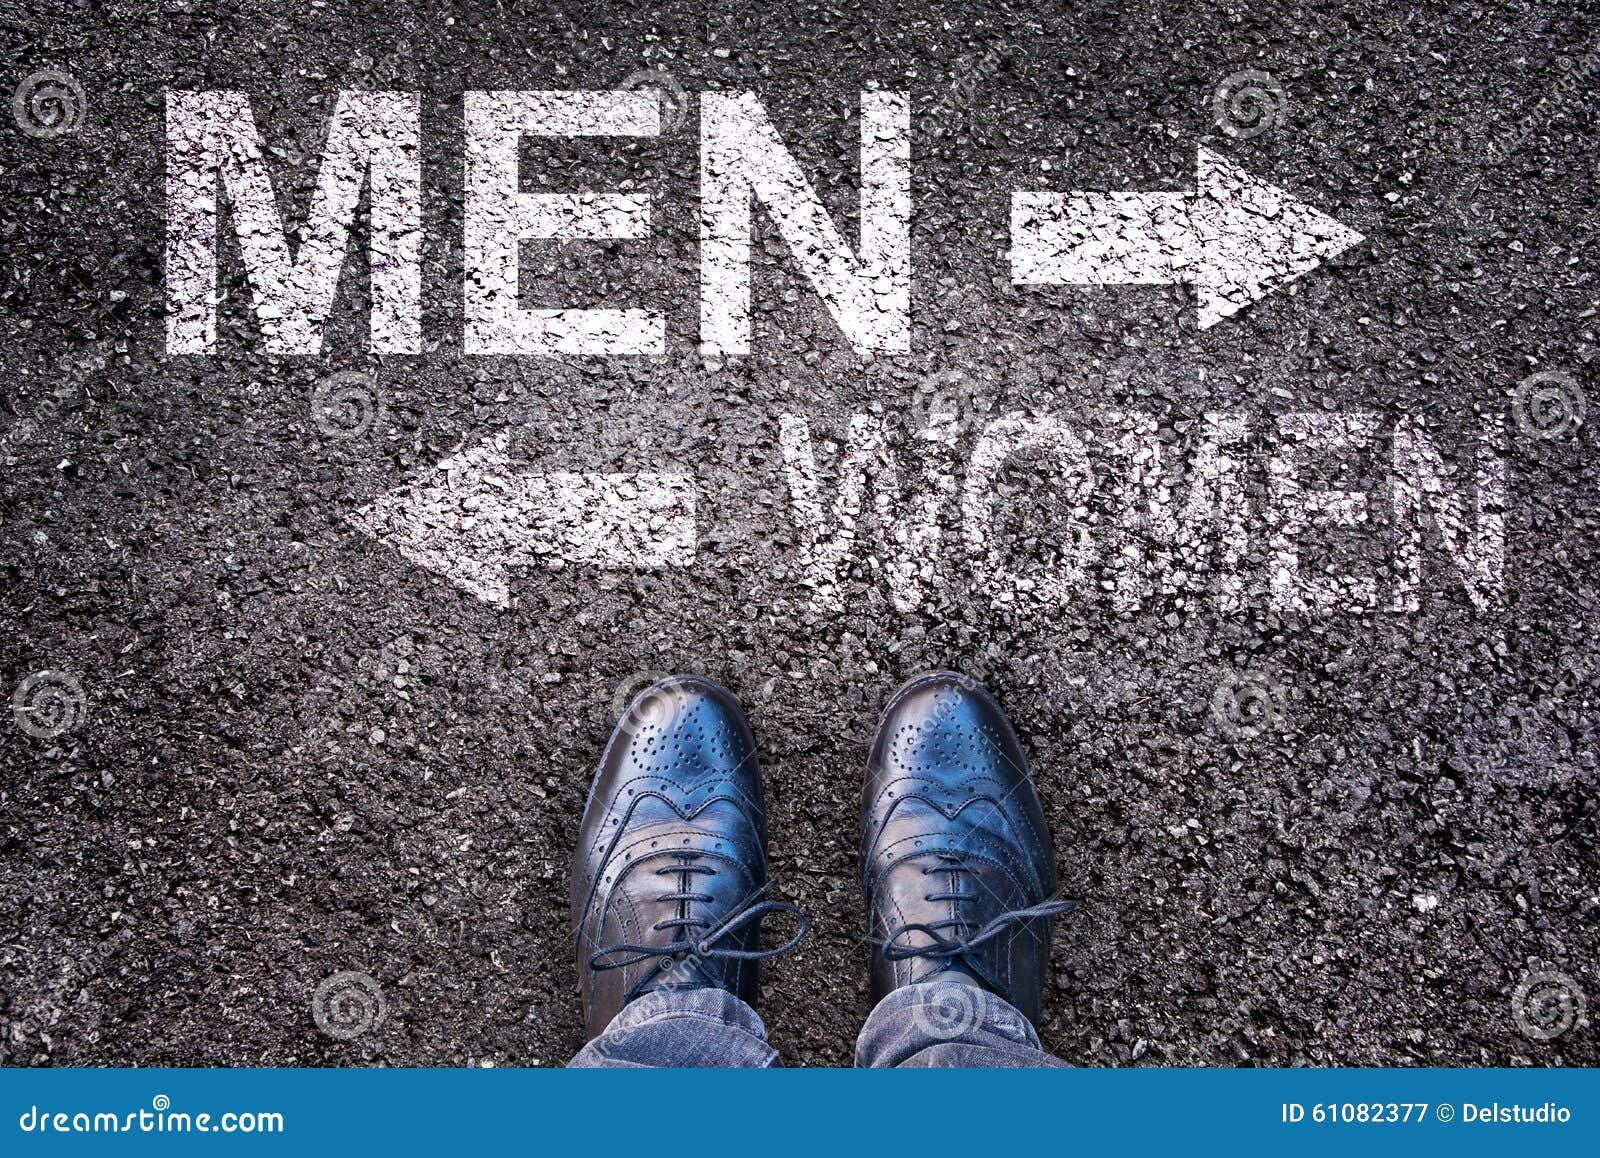 Foten och ordmän och kvinnor målade på en väg